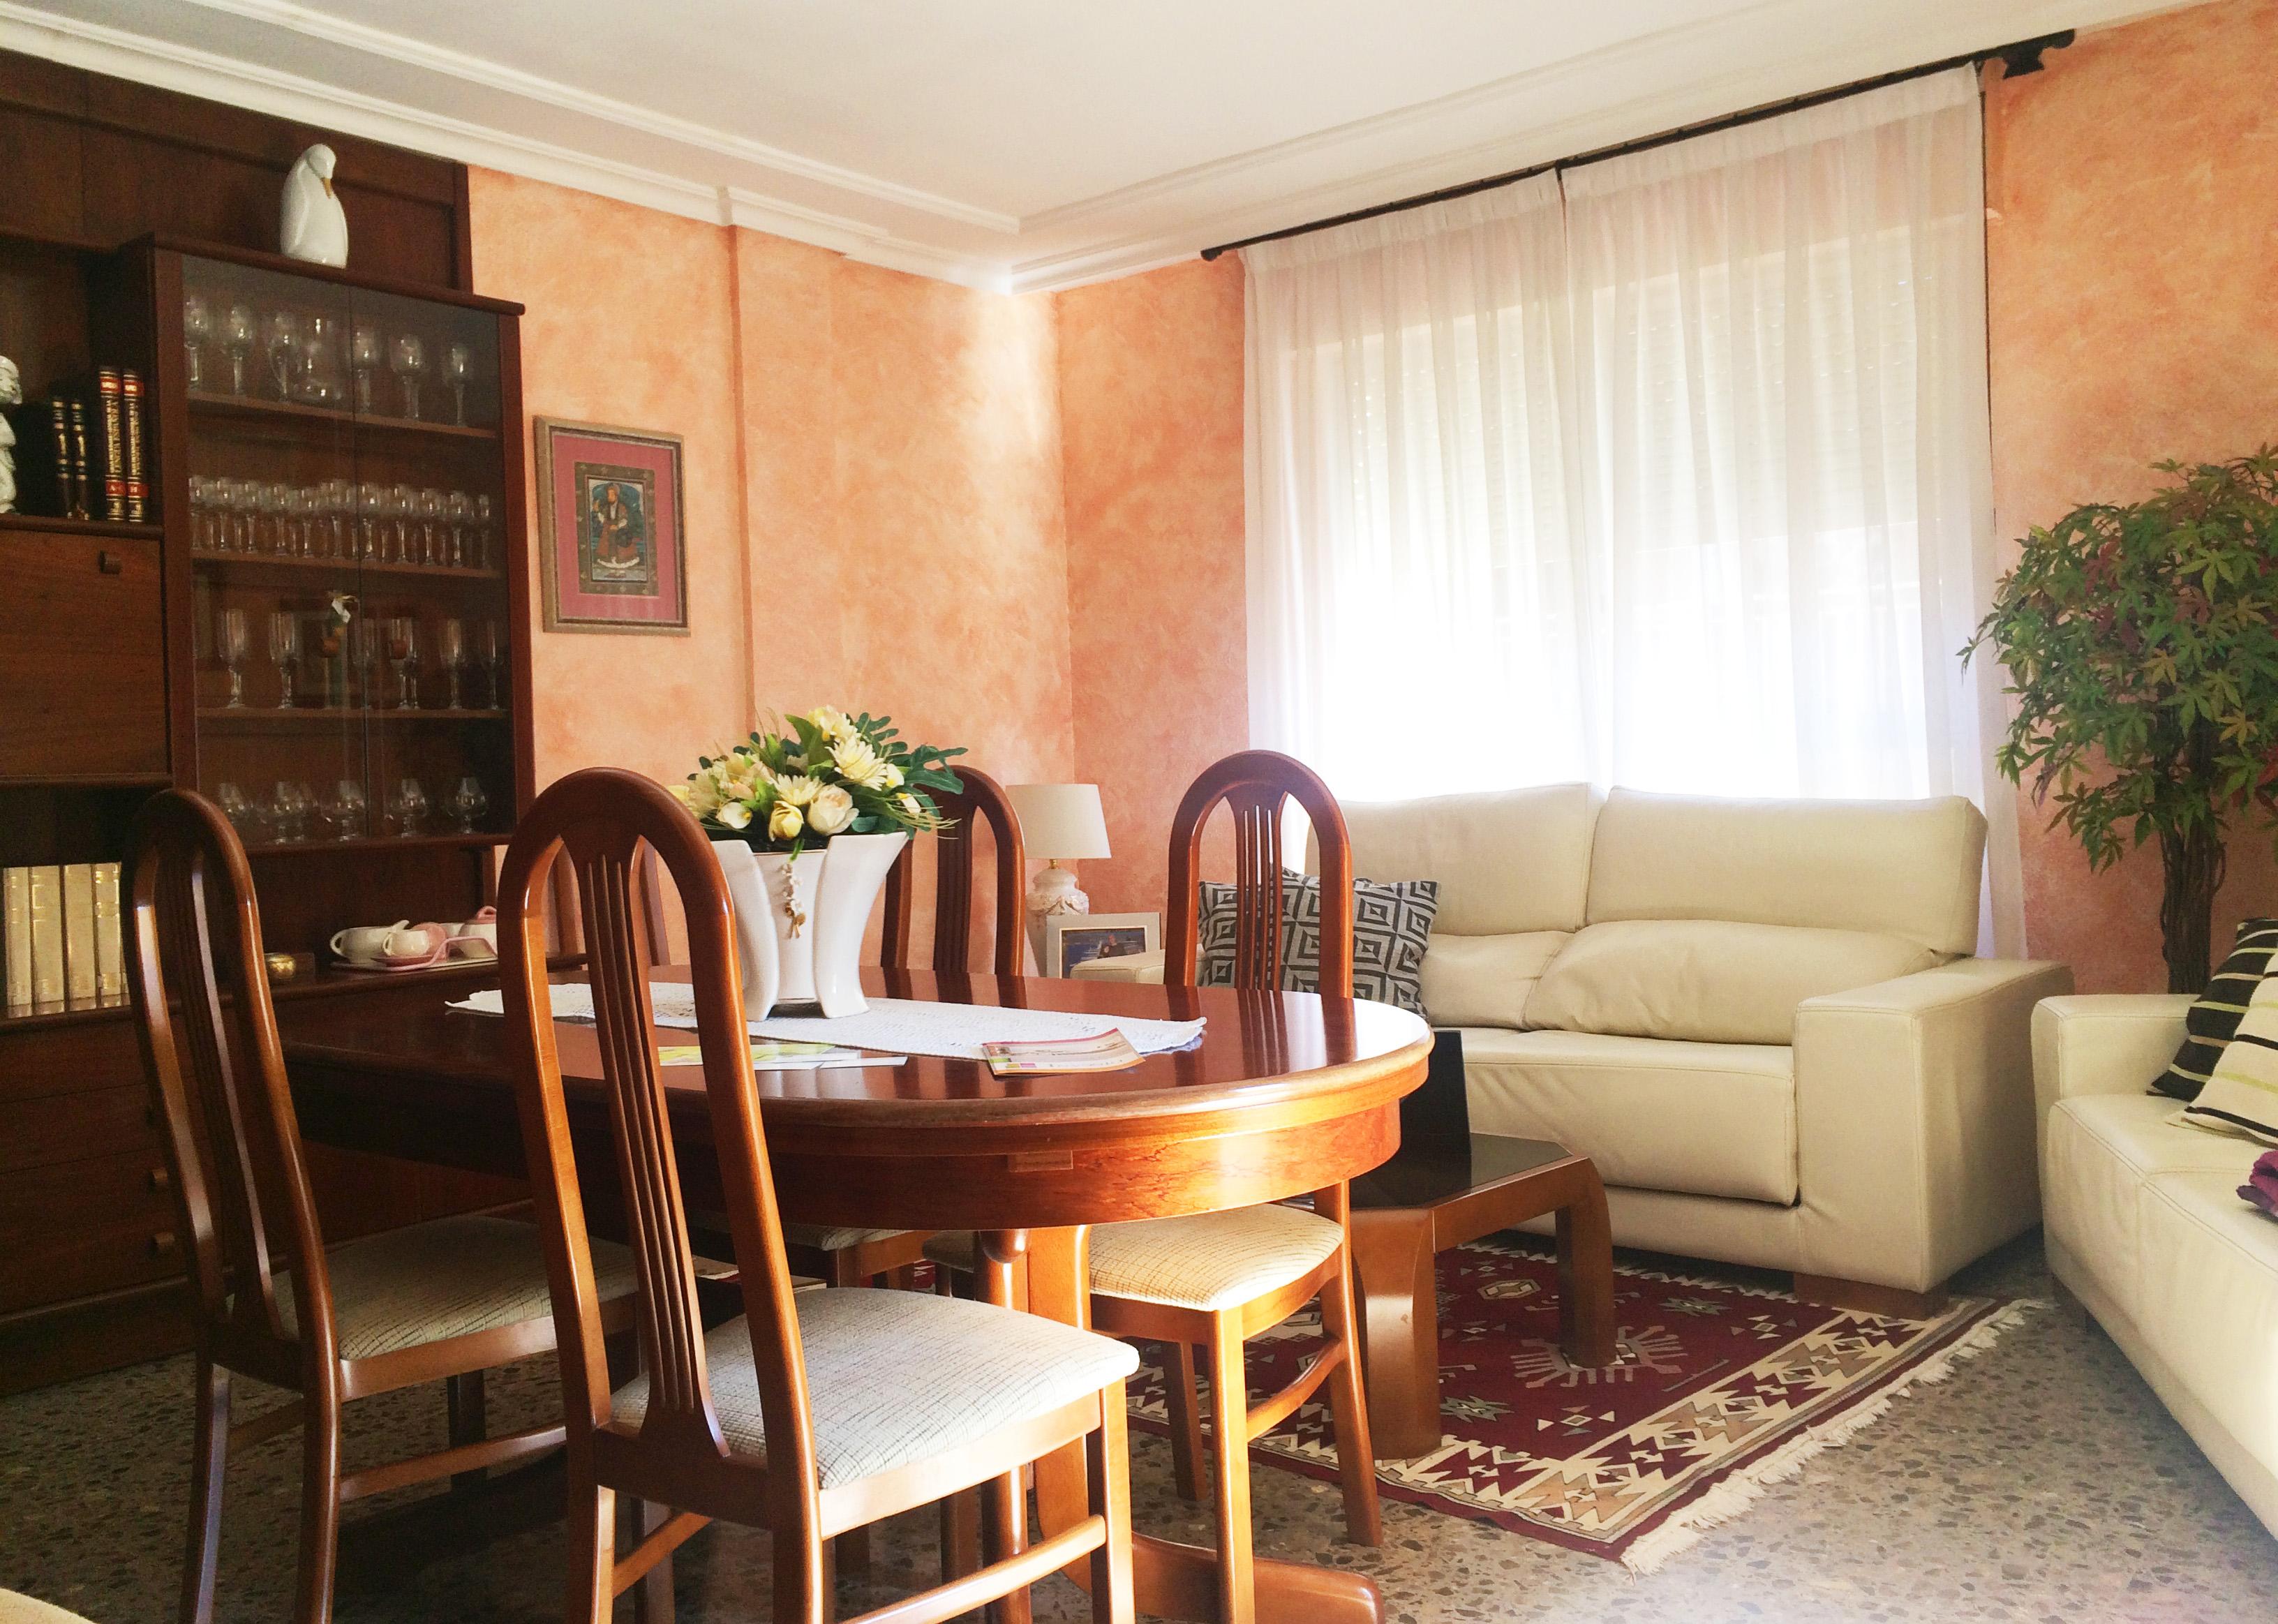 Piso venta en vila real barrio el pilar invenio real estate for Pisos alquiler vila real